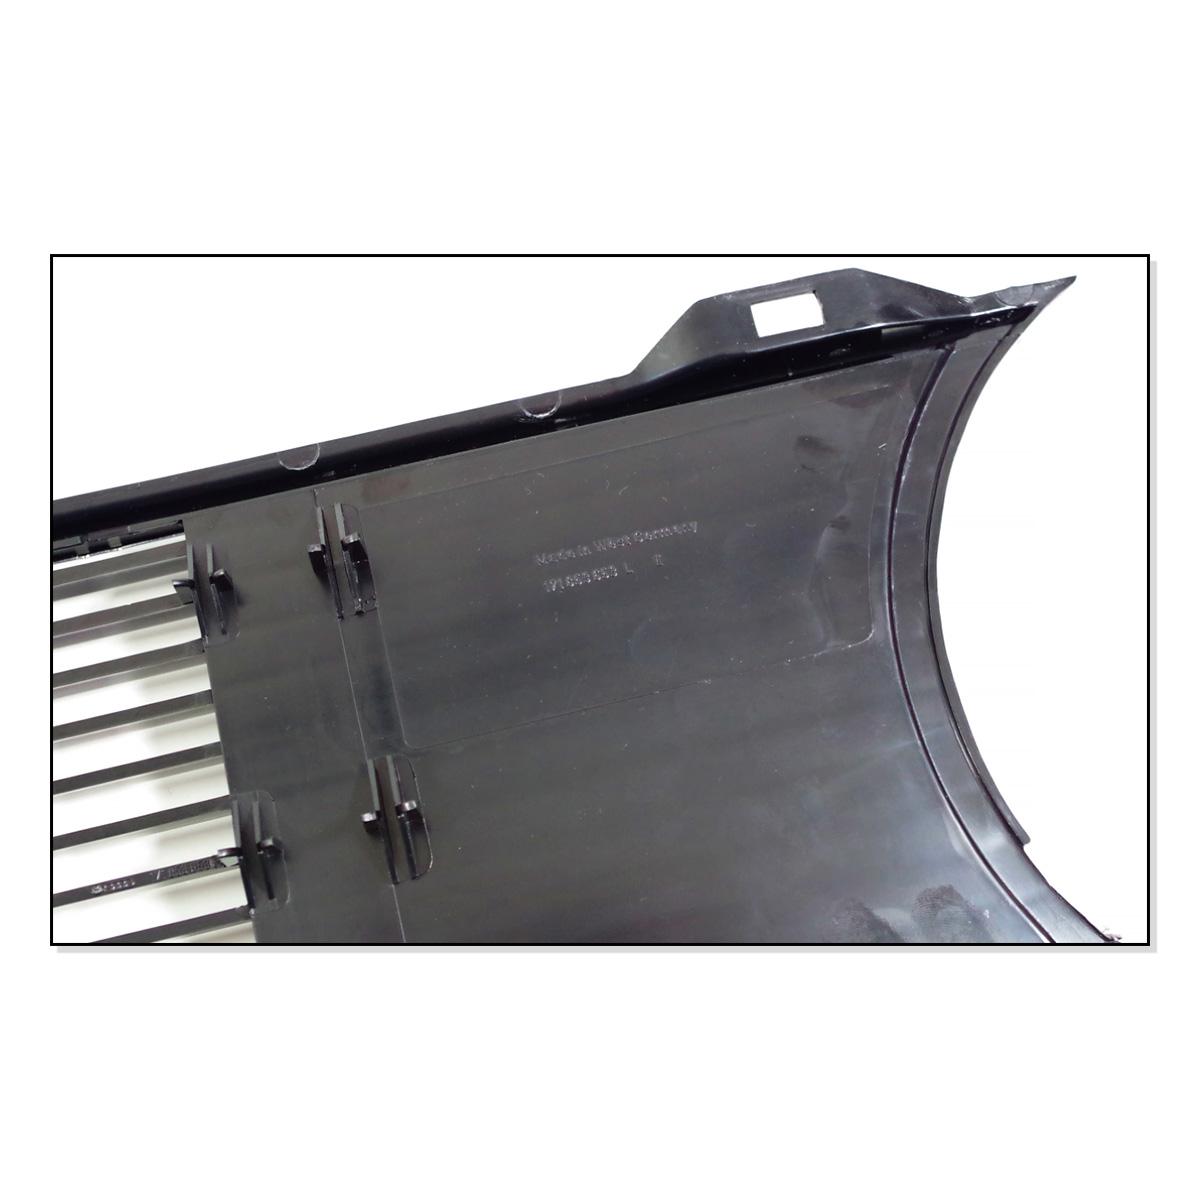 171853653L Grill (Oryginalny) + Chrom VW Golf 1, Caddy 1